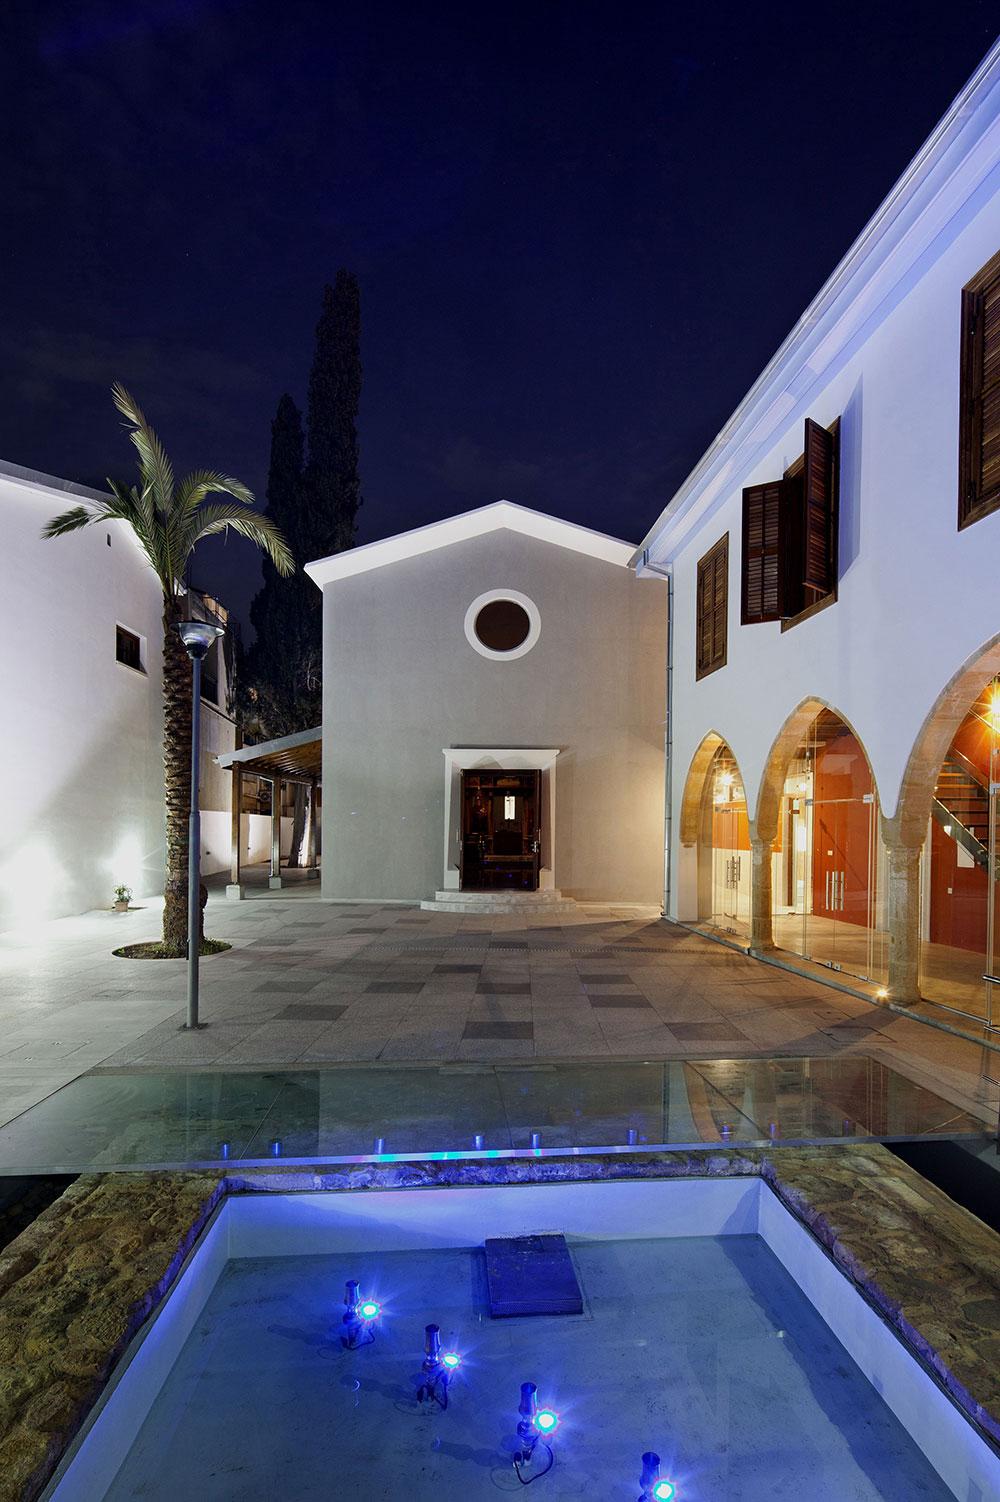 Η «επίσημη» αυλή στα νότια, με την εκκλησία στο κέντρο και το υφιστάμενο διατηρητέο στα δεξιά.  Σε πρώτο πλάνο η παλιά δεξαμενή, η οποία συντηρήθηκε και εντάχθηκε στον όλο σχεδιασμό του υπαίθριου χώρου, © Creative Photo Room